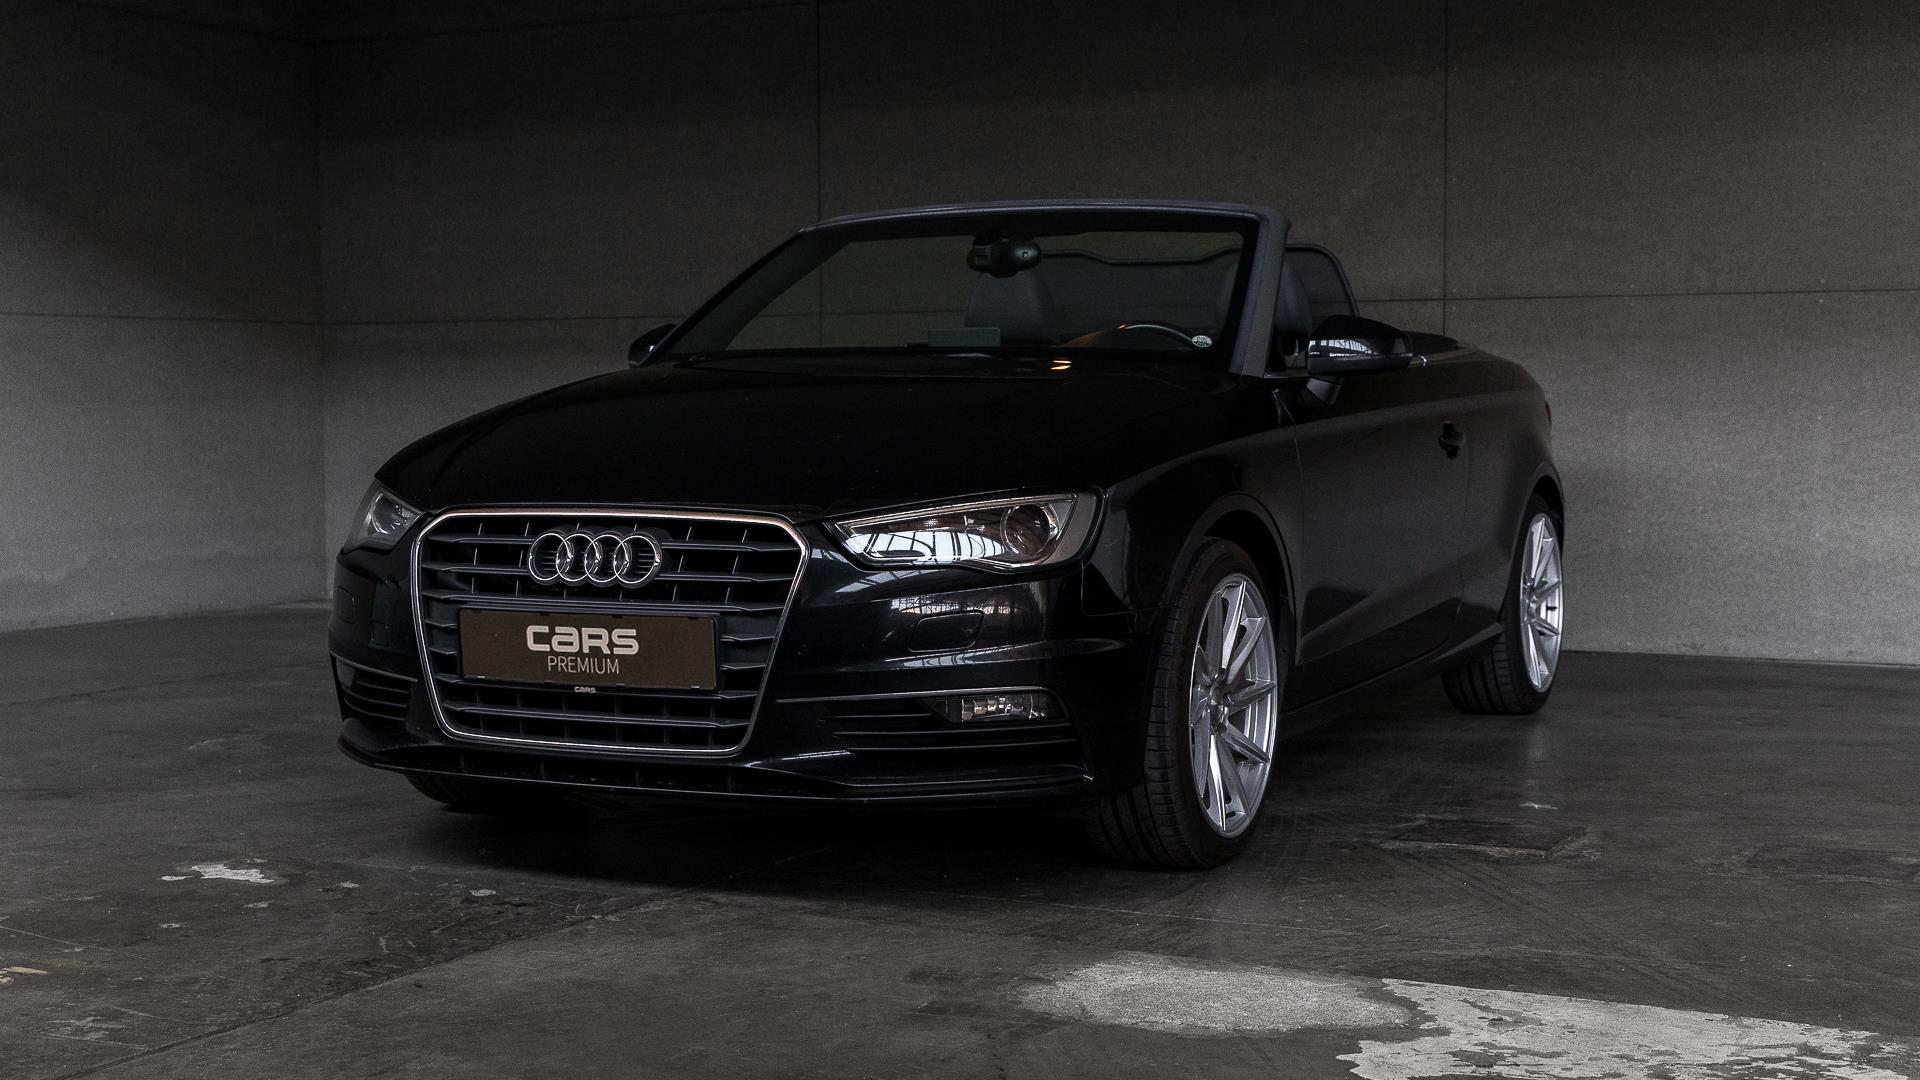 Billede af Audi A3 1,4 TFSI Ambiente 150HK Cabr.